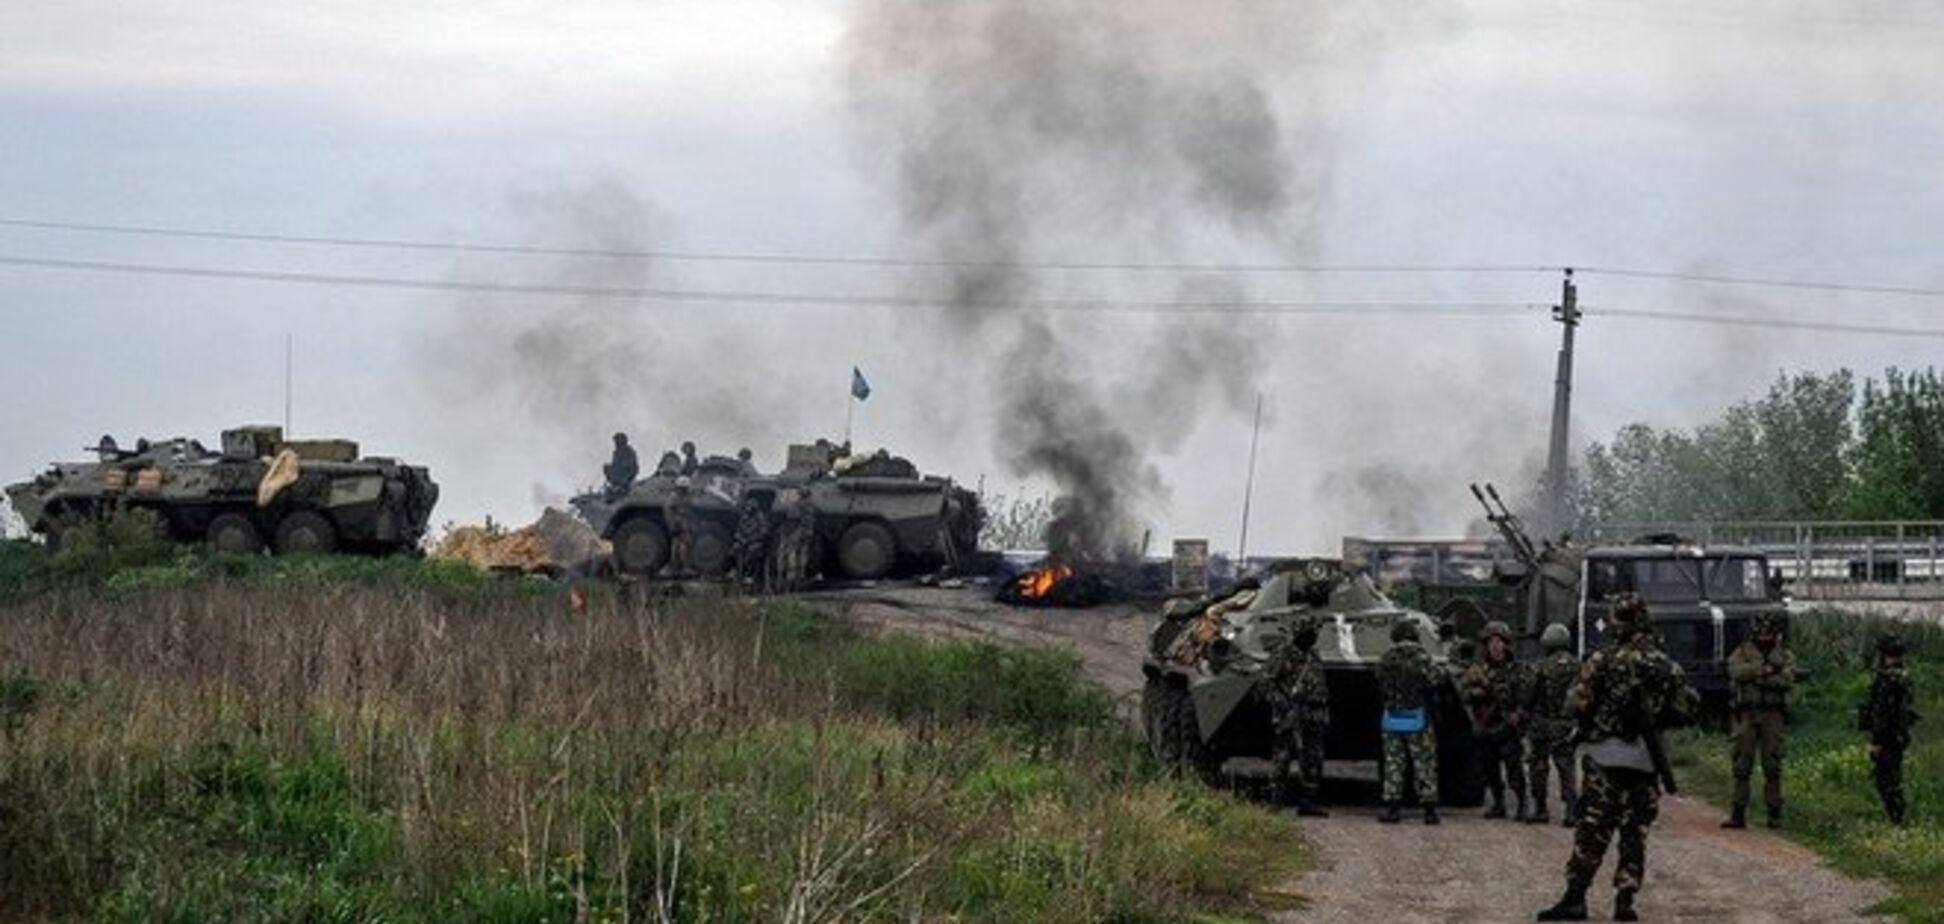 Террористы, расстрелявшие десантников под Краматорском, сидели в засаде несколько дней - источник